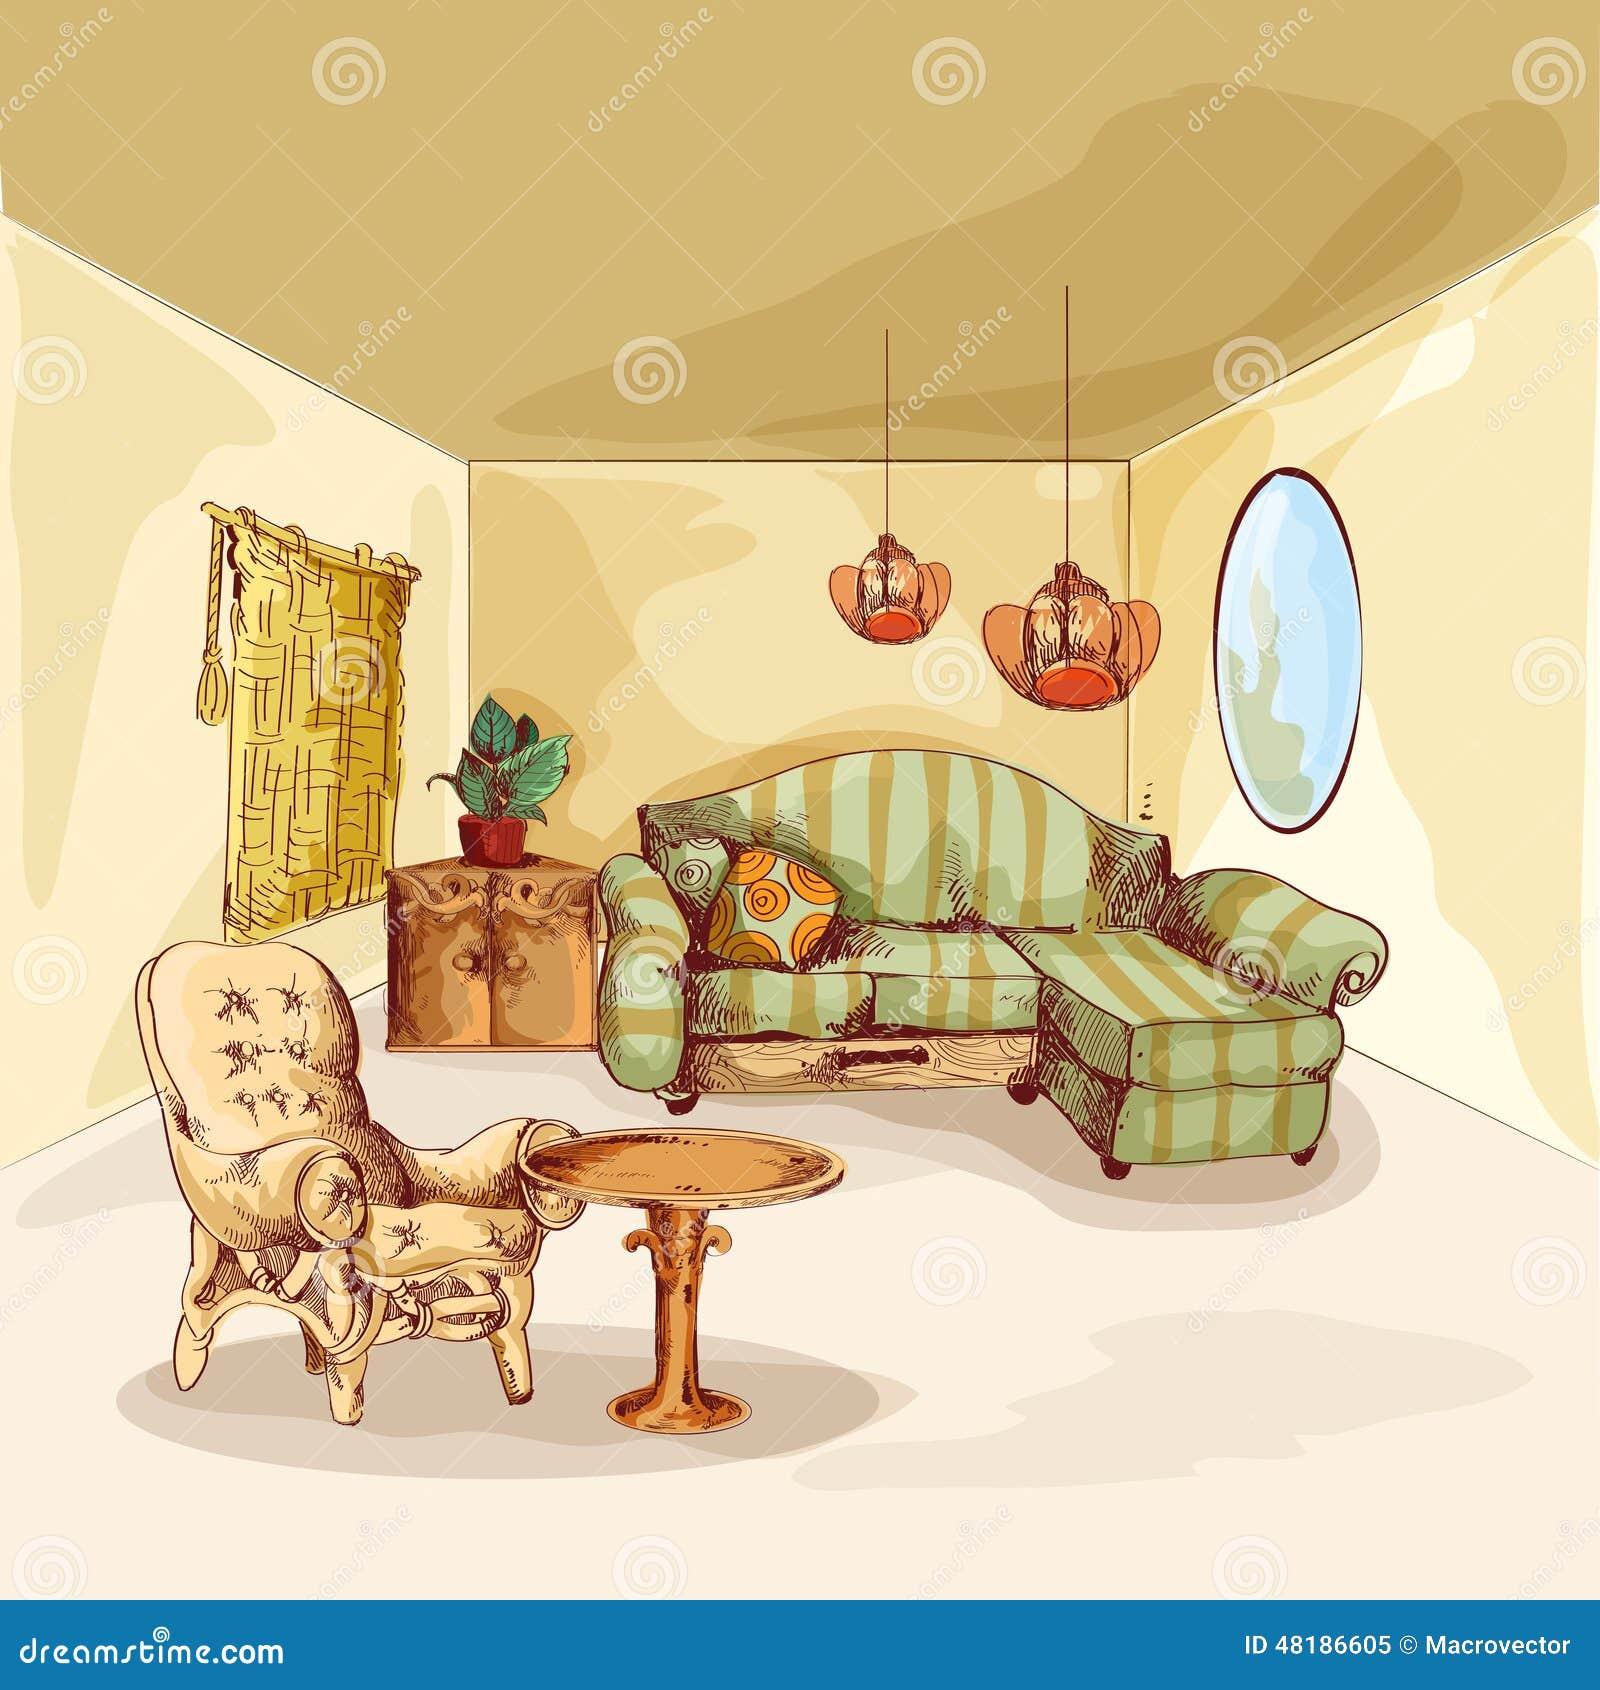 Croquis d 39 int rieur de salon illustration de vecteur for Croquis salon